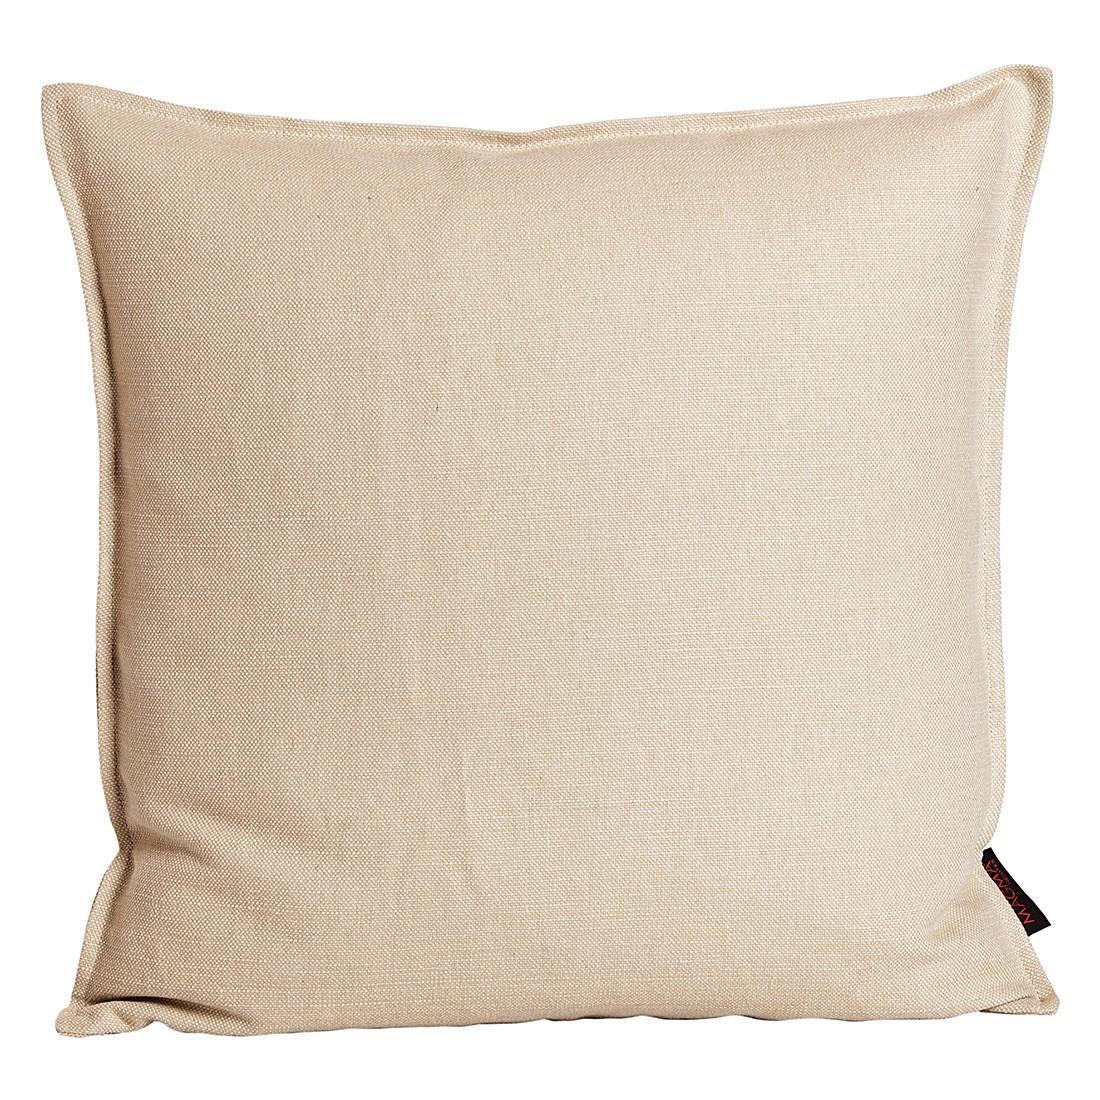 Kissenhülle Mood – Sand – 50 x 50 cm, Magma-Heimtex jetzt kaufen